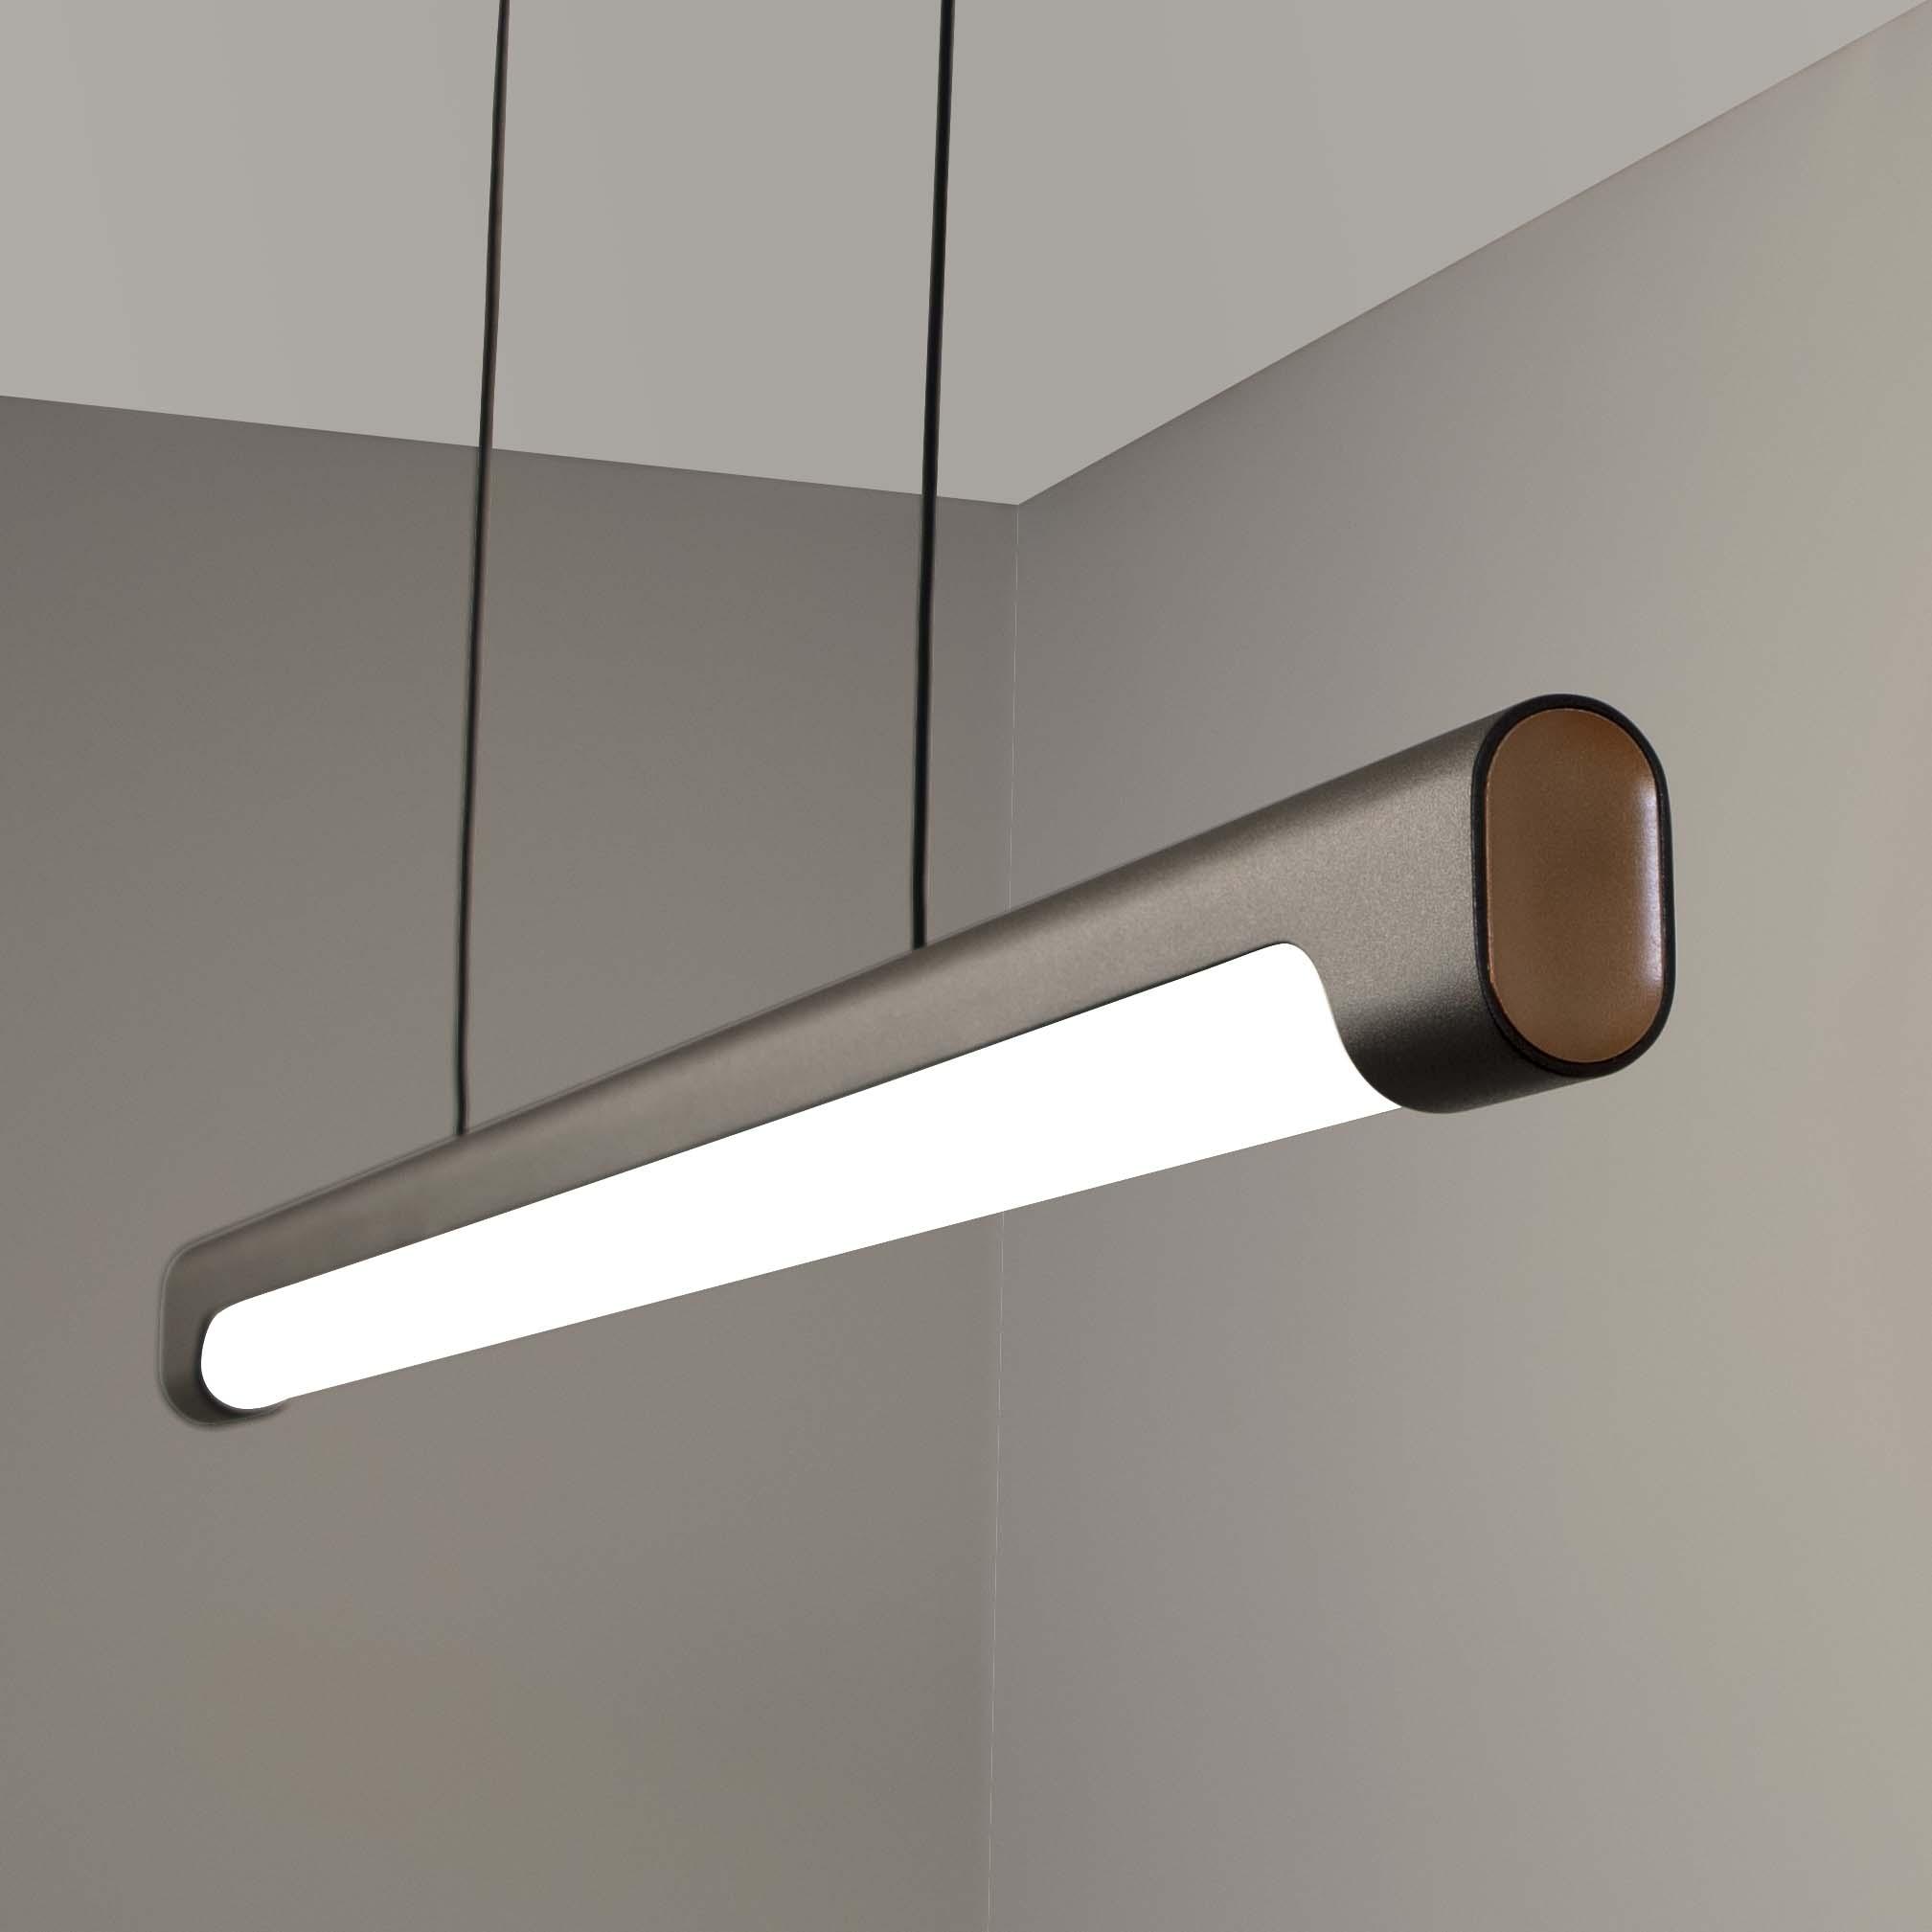 Visa Lighting suspended LED linear pendant light